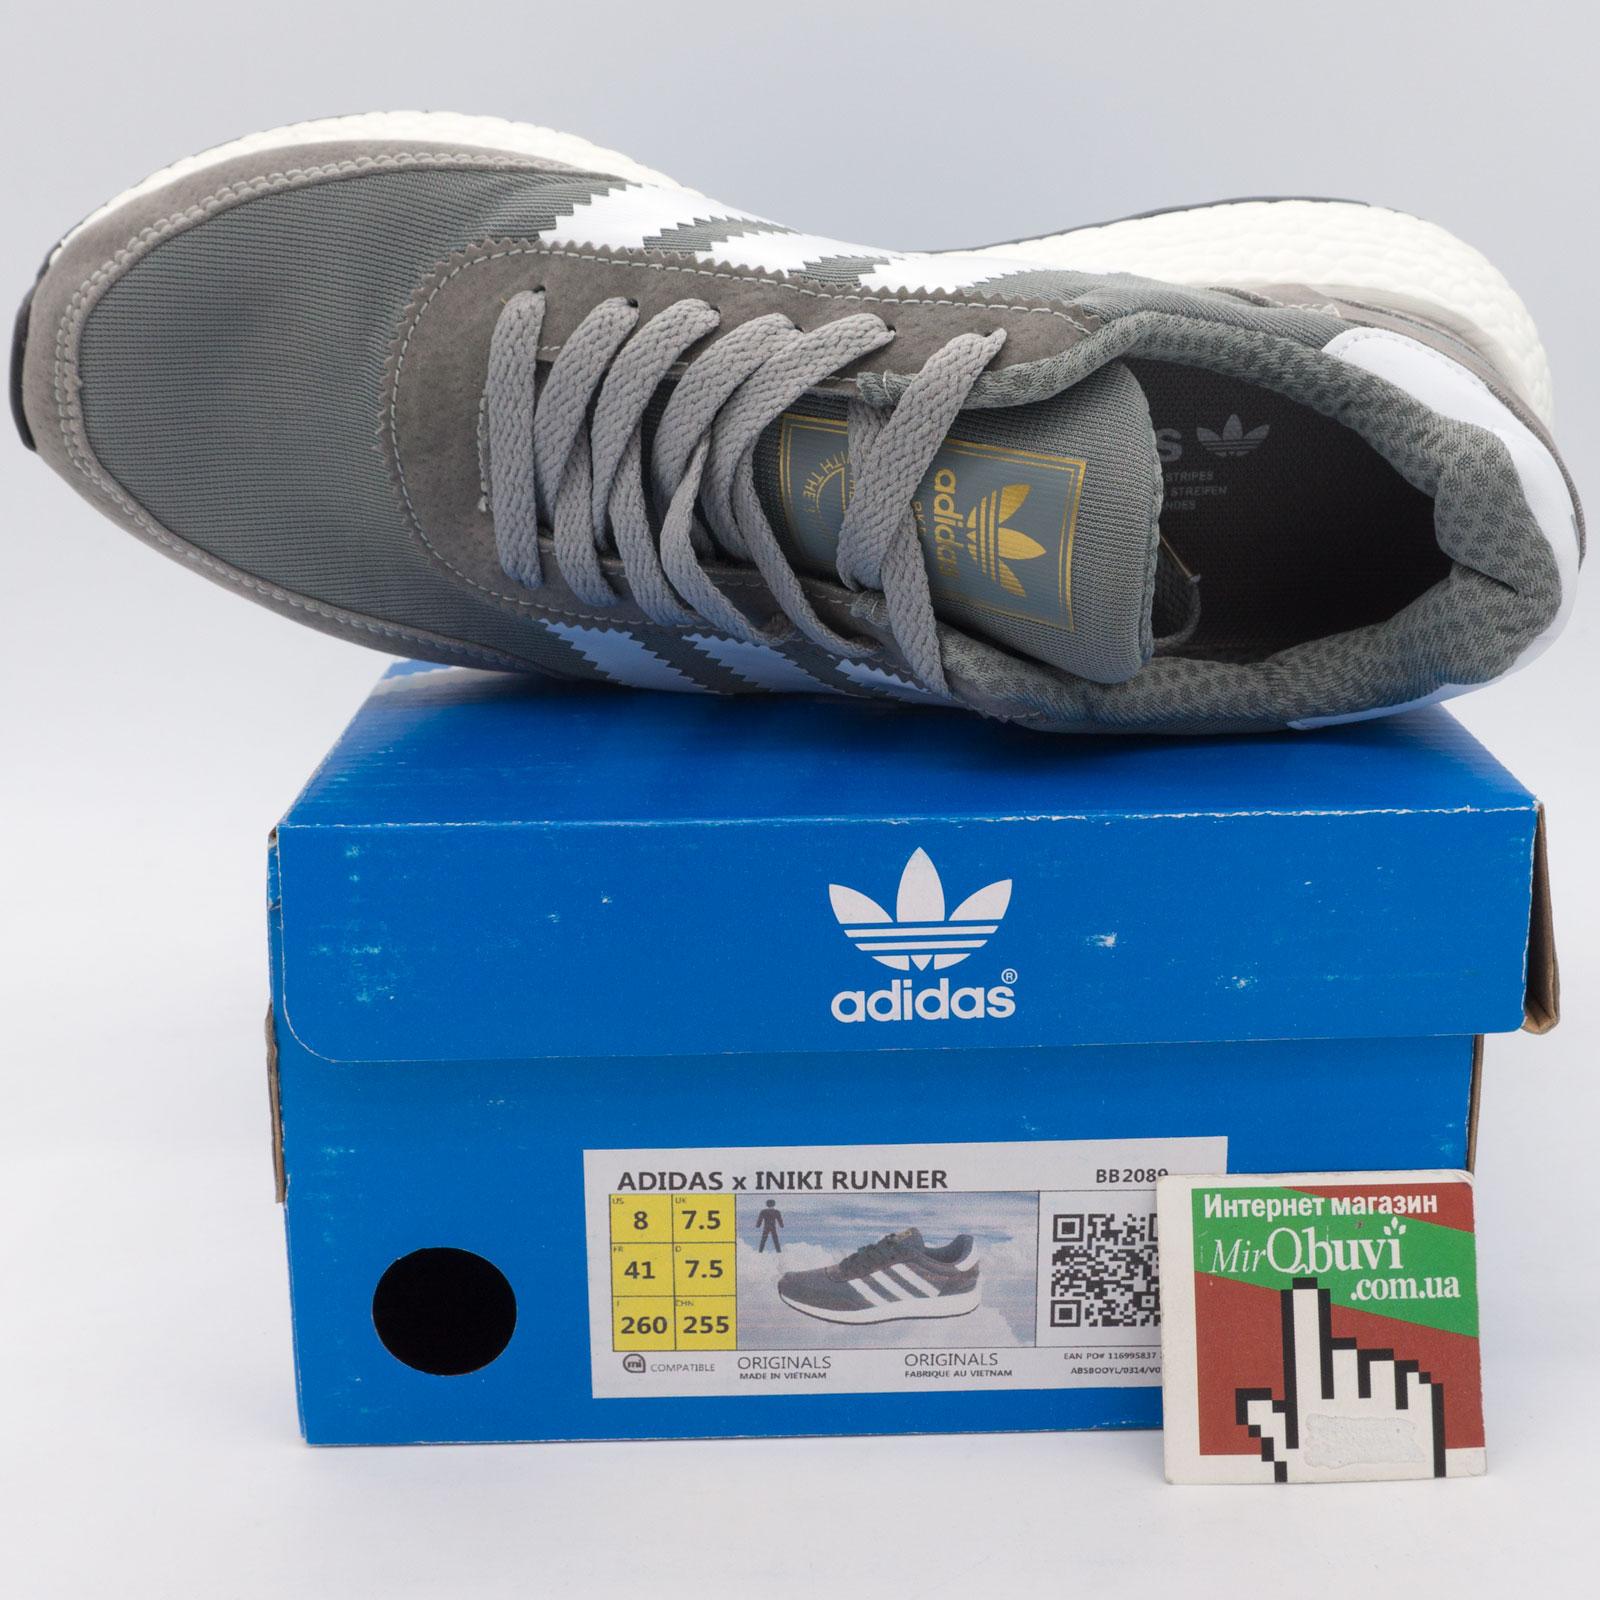 большое фото №6 Кроссовки для бега Adidas Iniki Runner светло серые